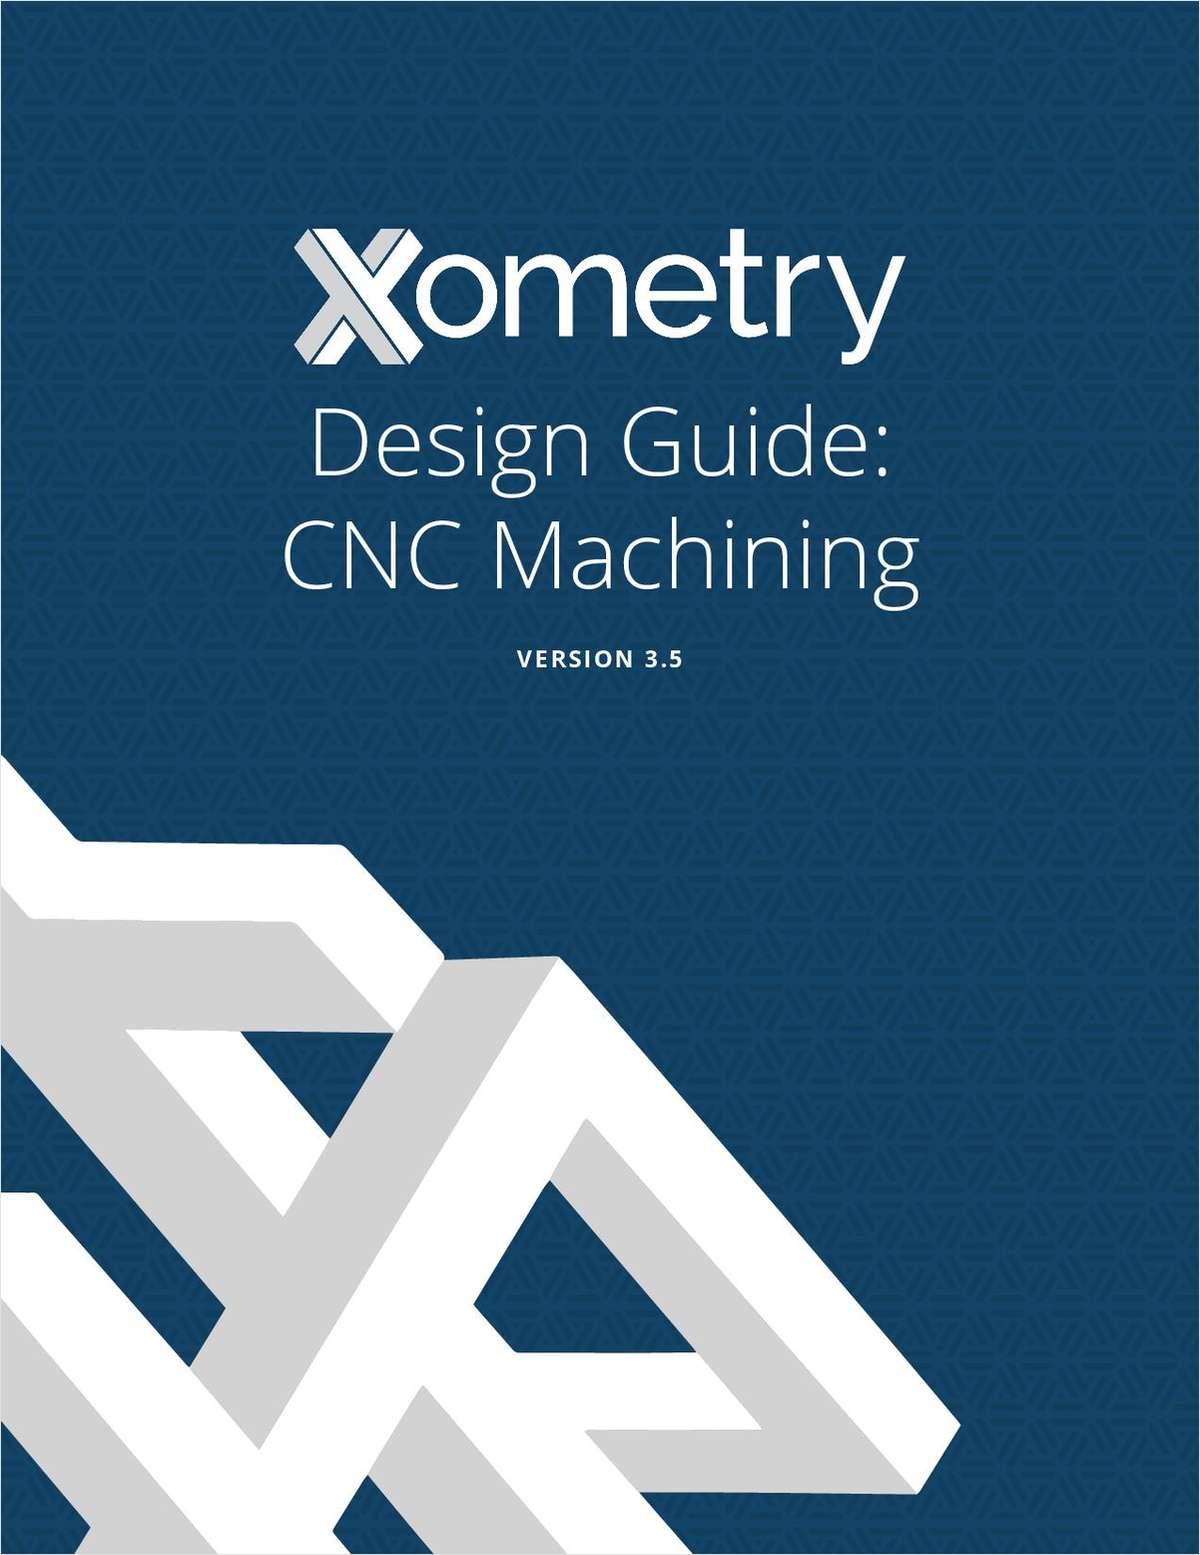 CNC Machining Design Guide